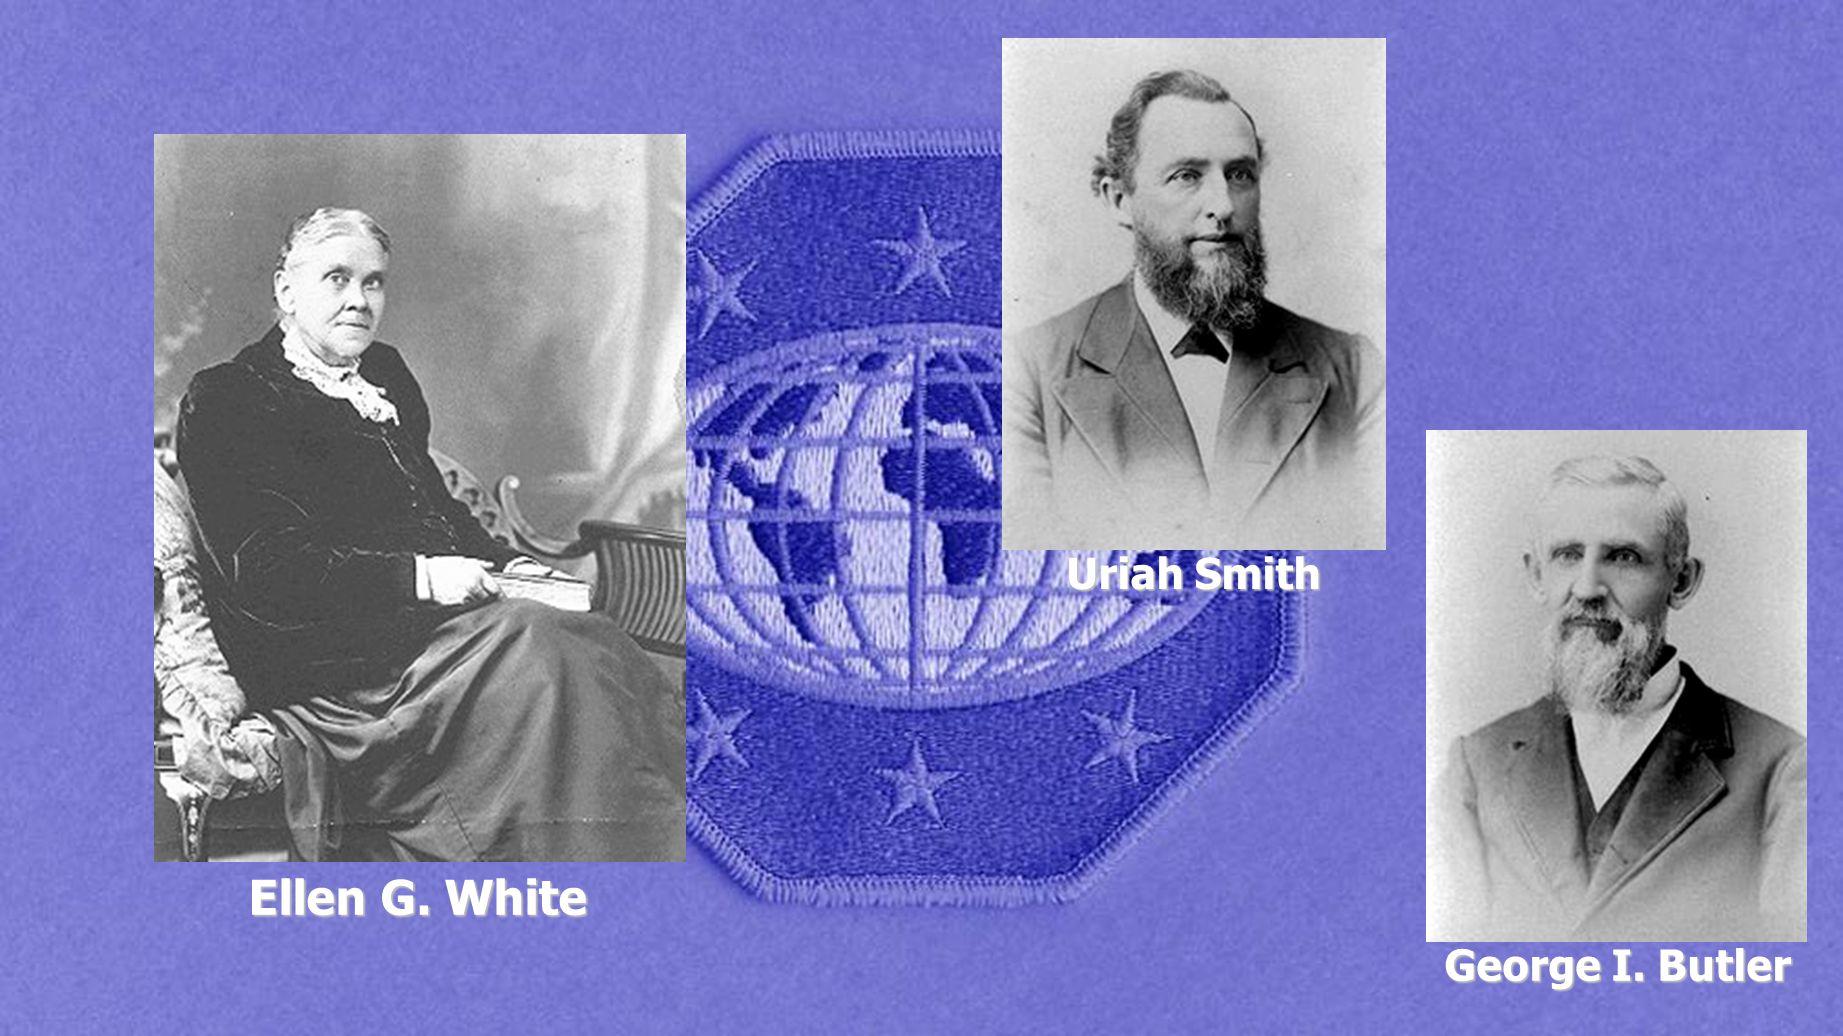 Ellen G. White Uriah Smith George I. Butler